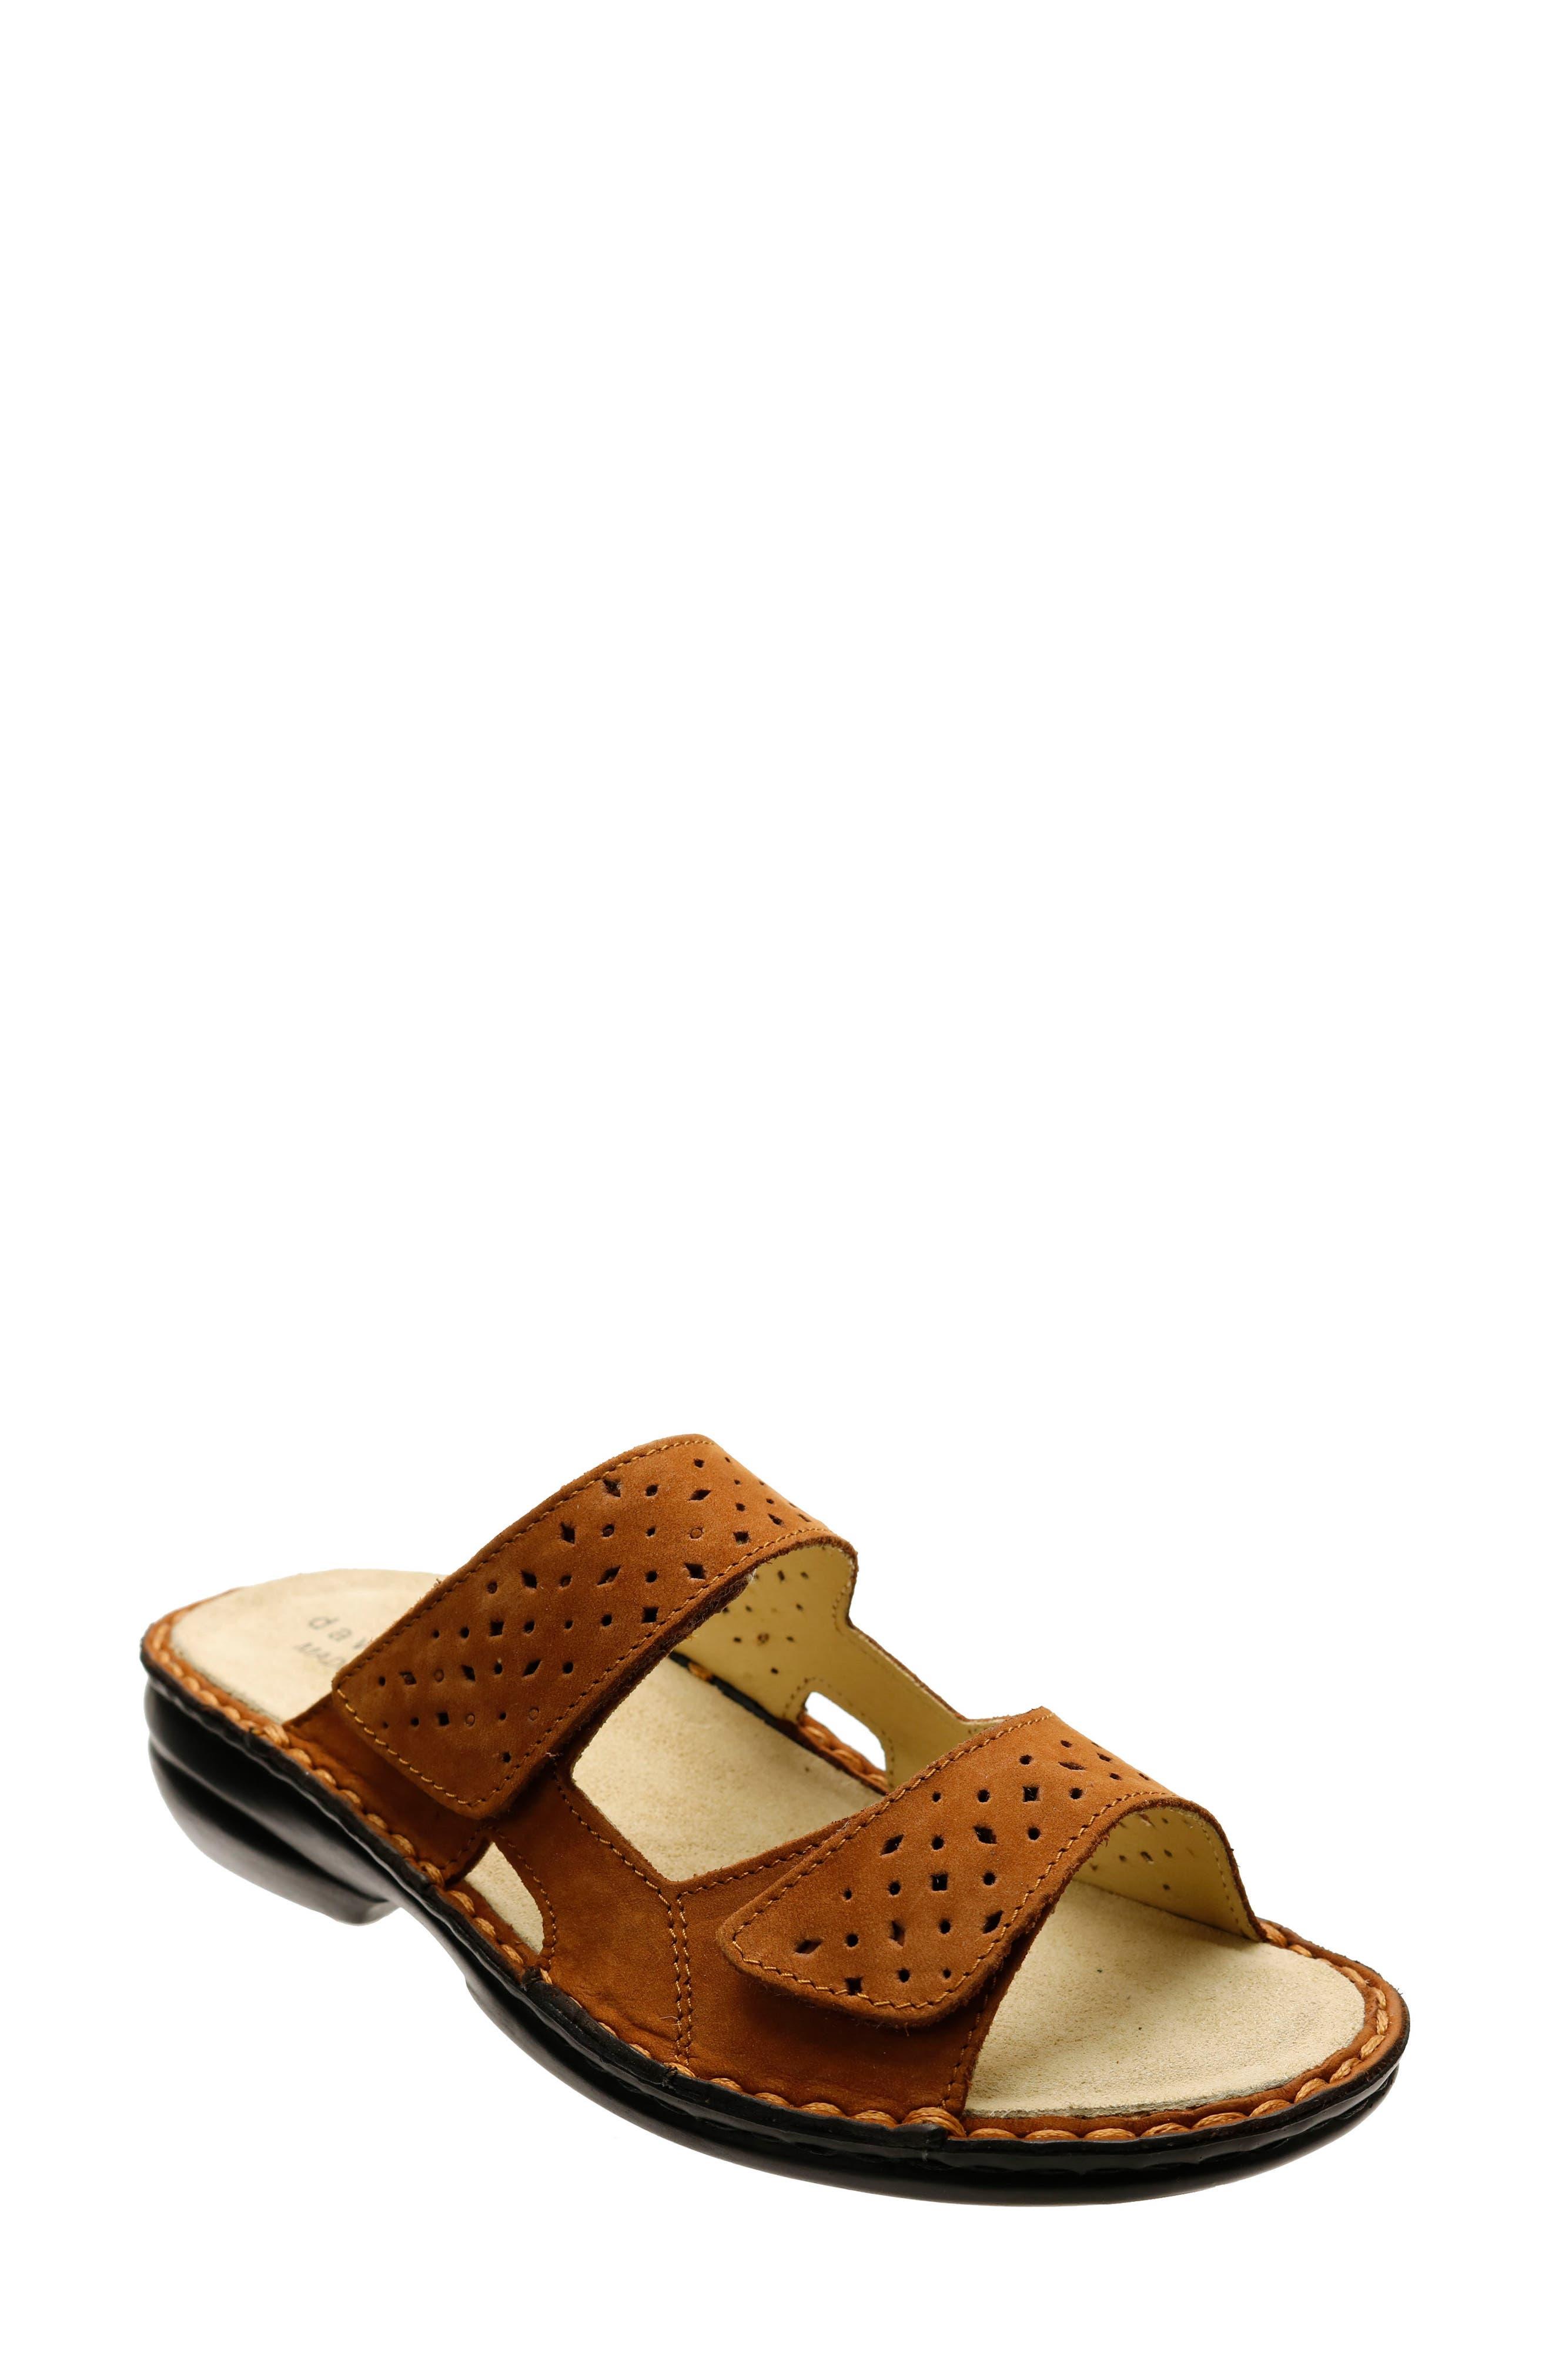 Gelato Slide Sandal